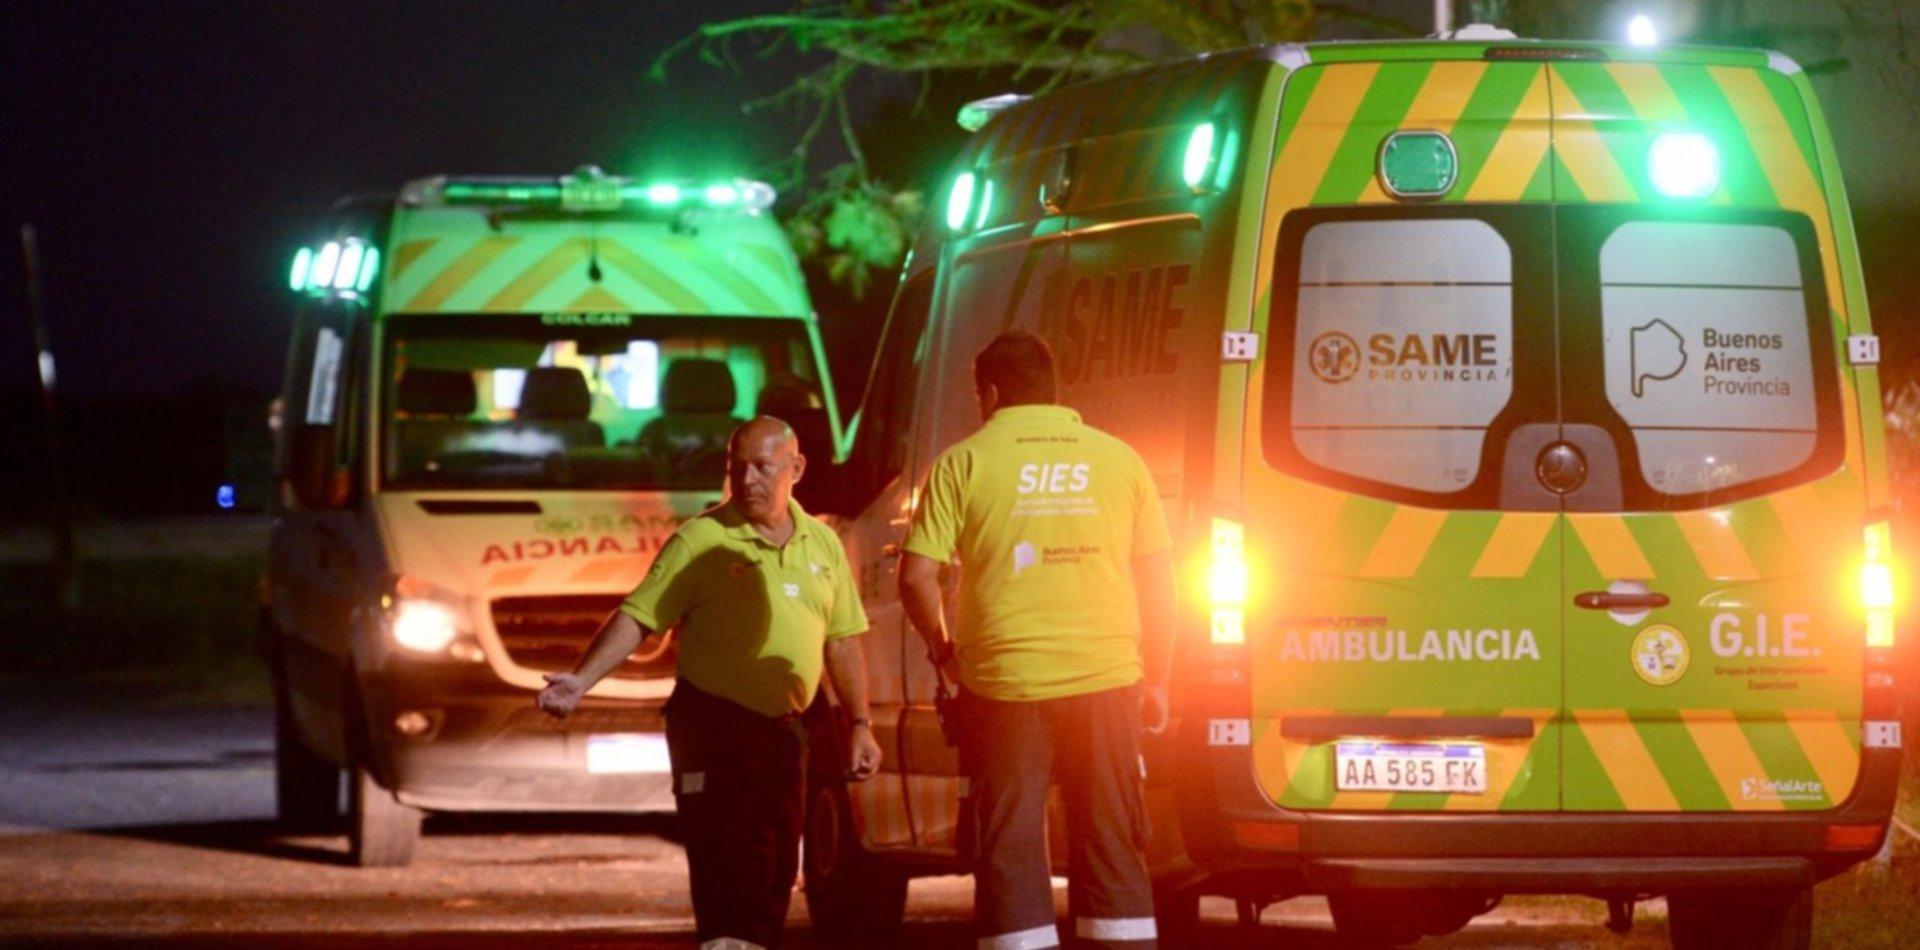 Accidente fatal en La Plata: un motociclista murió tras chocar con un camión